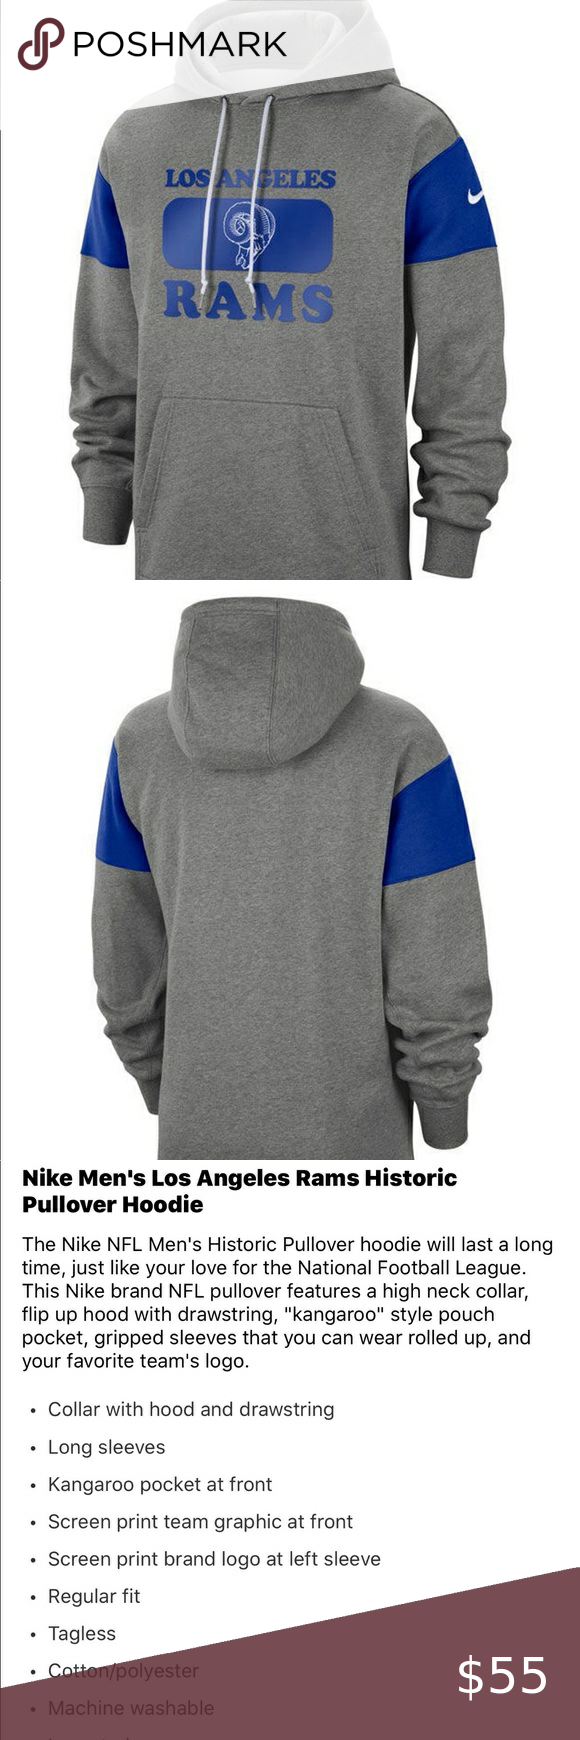 Los Angeles Rams Victory Nike Hoodie Nike Hoodie Hoodies Nike Sweater [ 1740 x 580 Pixel ]